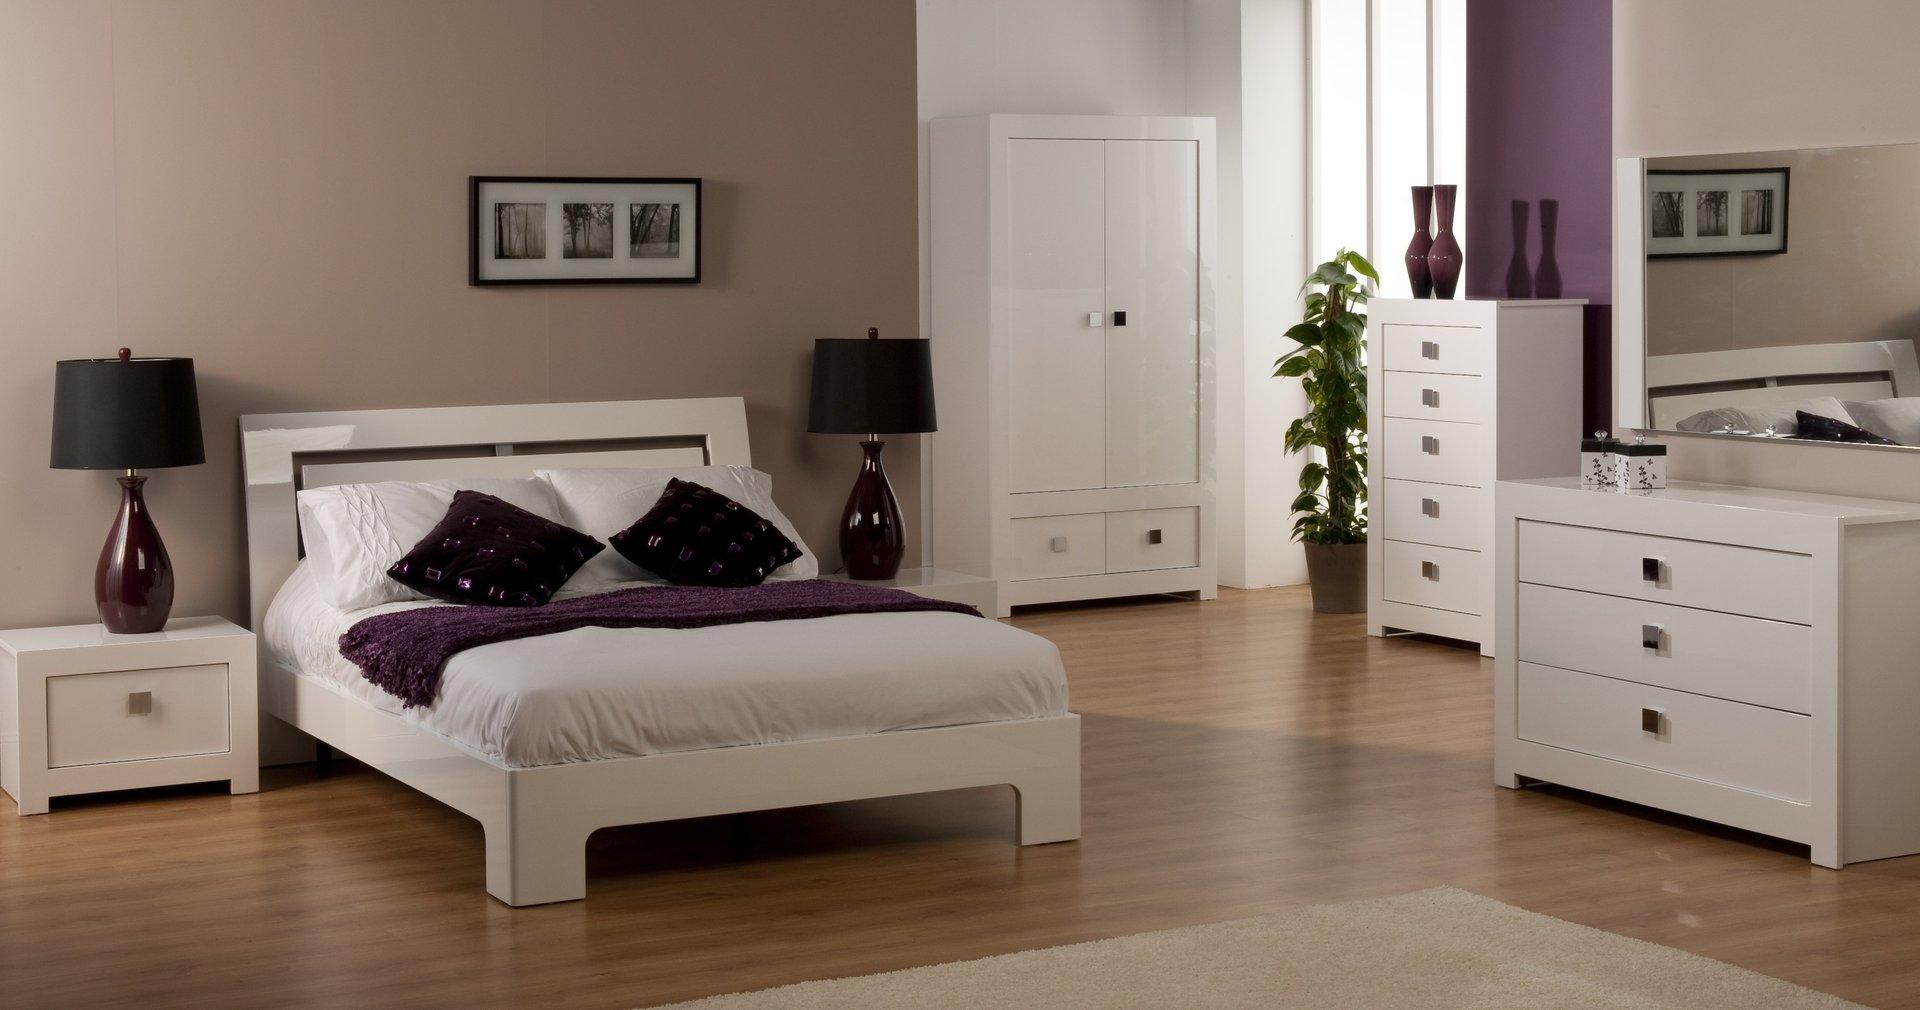 Bari_bedroom_set